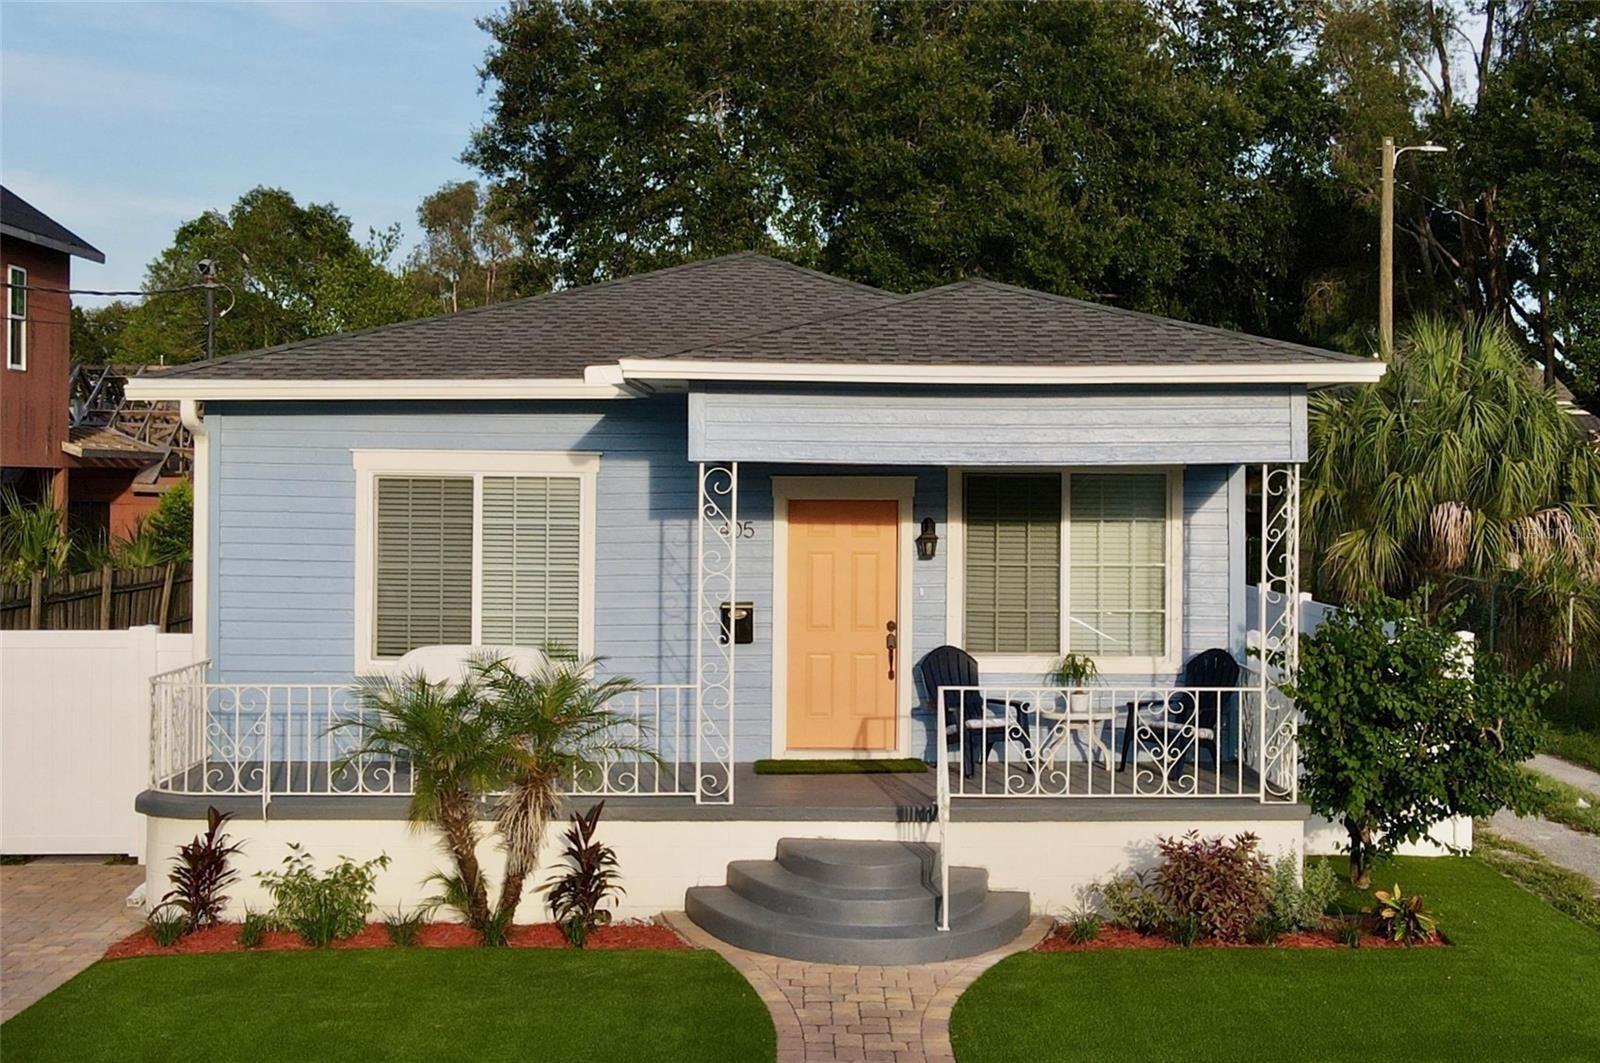 405 N ALBANY AVENUE, Tampa, FL 33606 - MLS#: T3333698